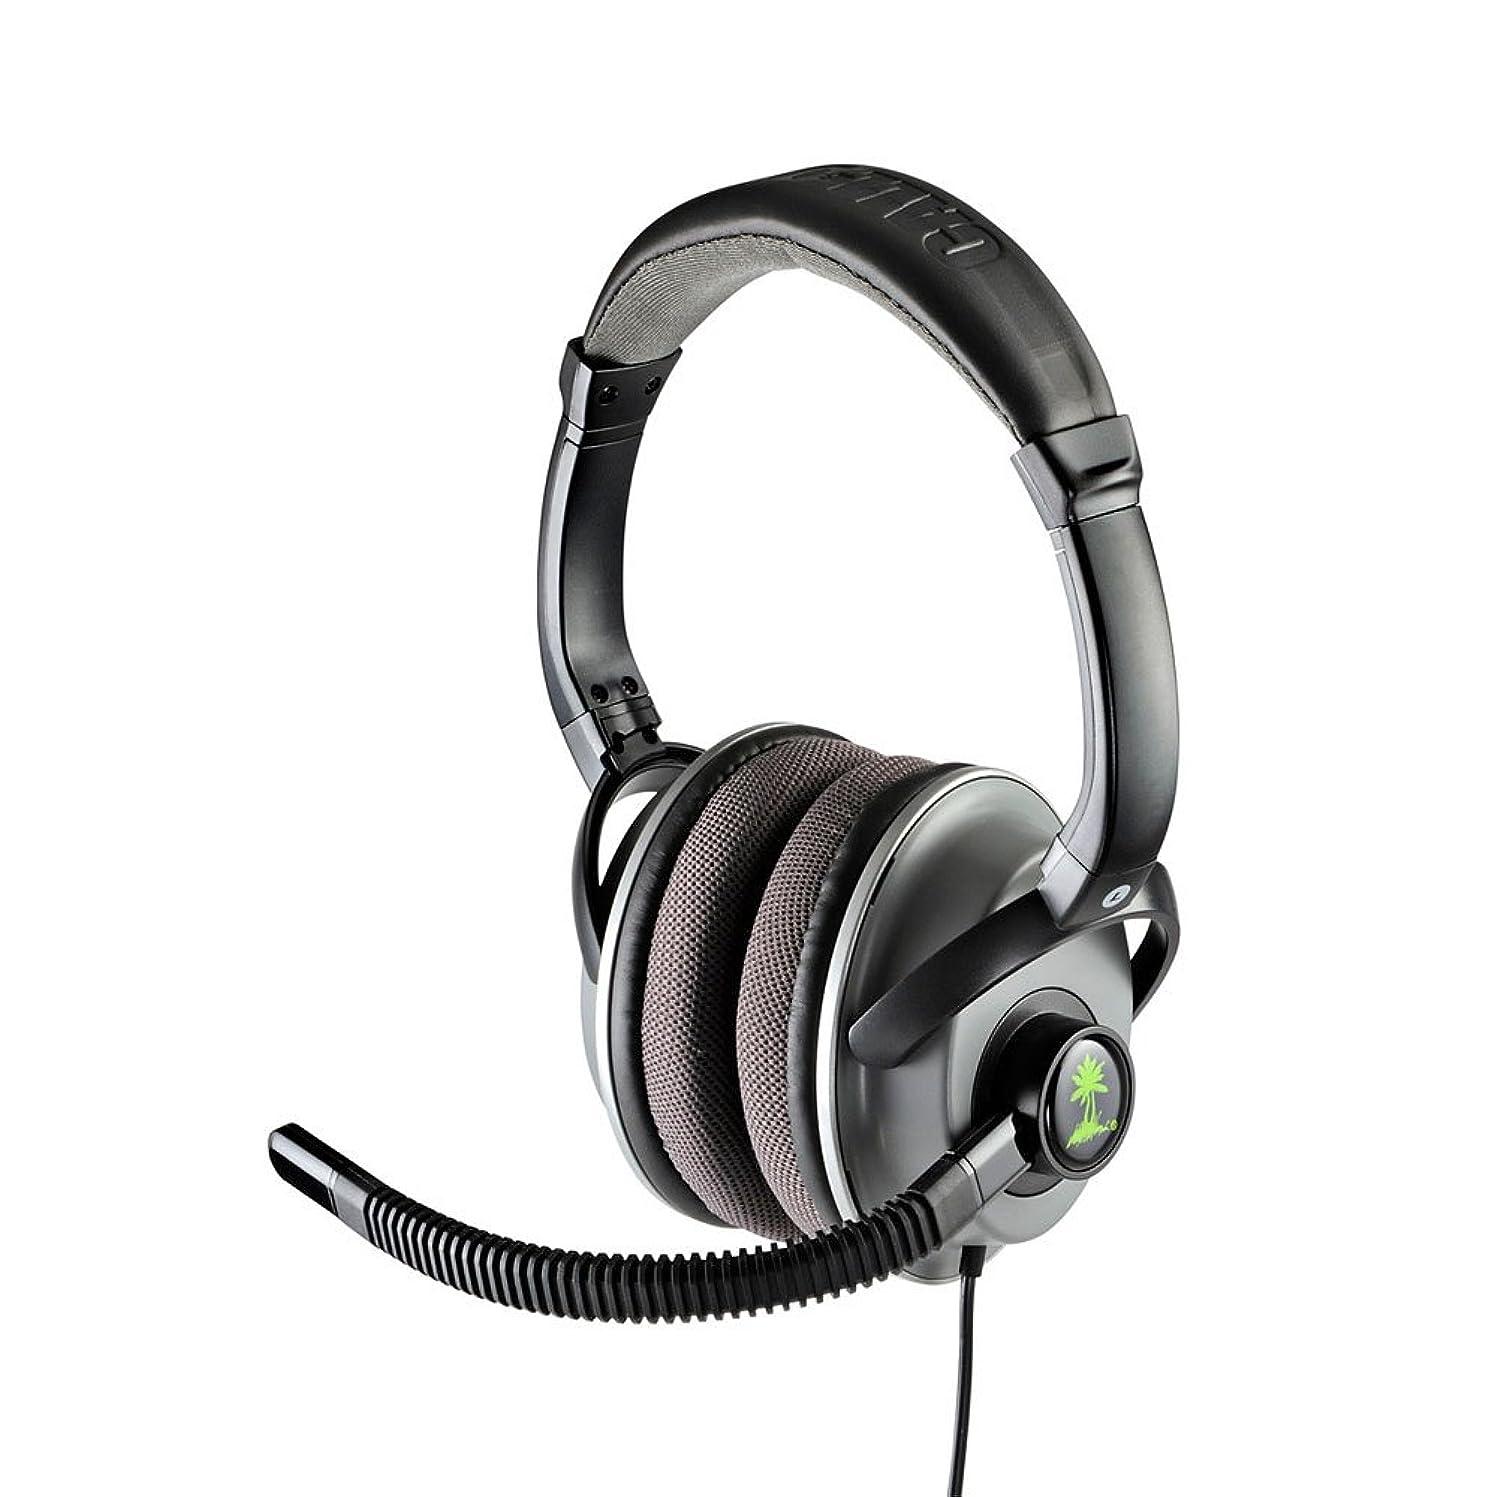 国勢調査純粋なスライムCall of Duty MW3 Ear Force Foxtrot Limited Edition COD-FOXTROT